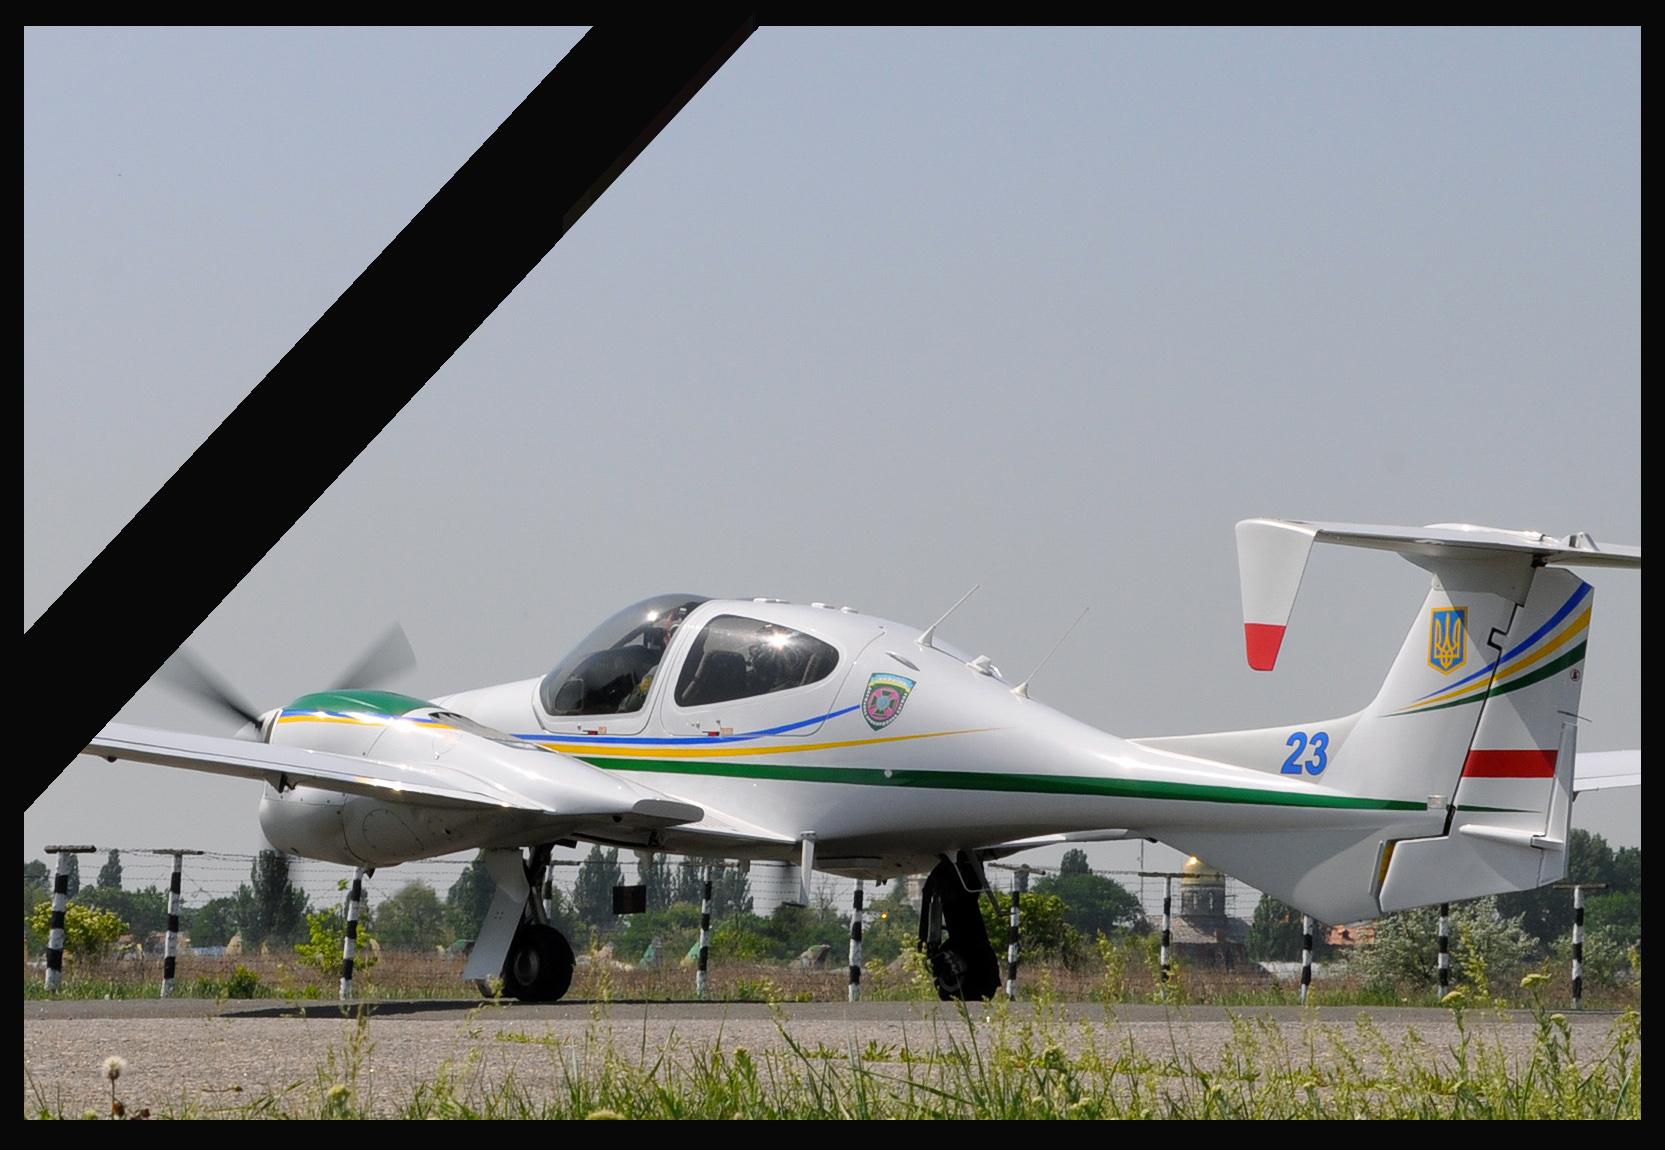 4 липня 2012 року спеціальний літак Держприкордонслужби «Diamond DA-42» зазнав катастрофи в горах на Закарпатті. Трьох прикордонників навіки забрало небо.